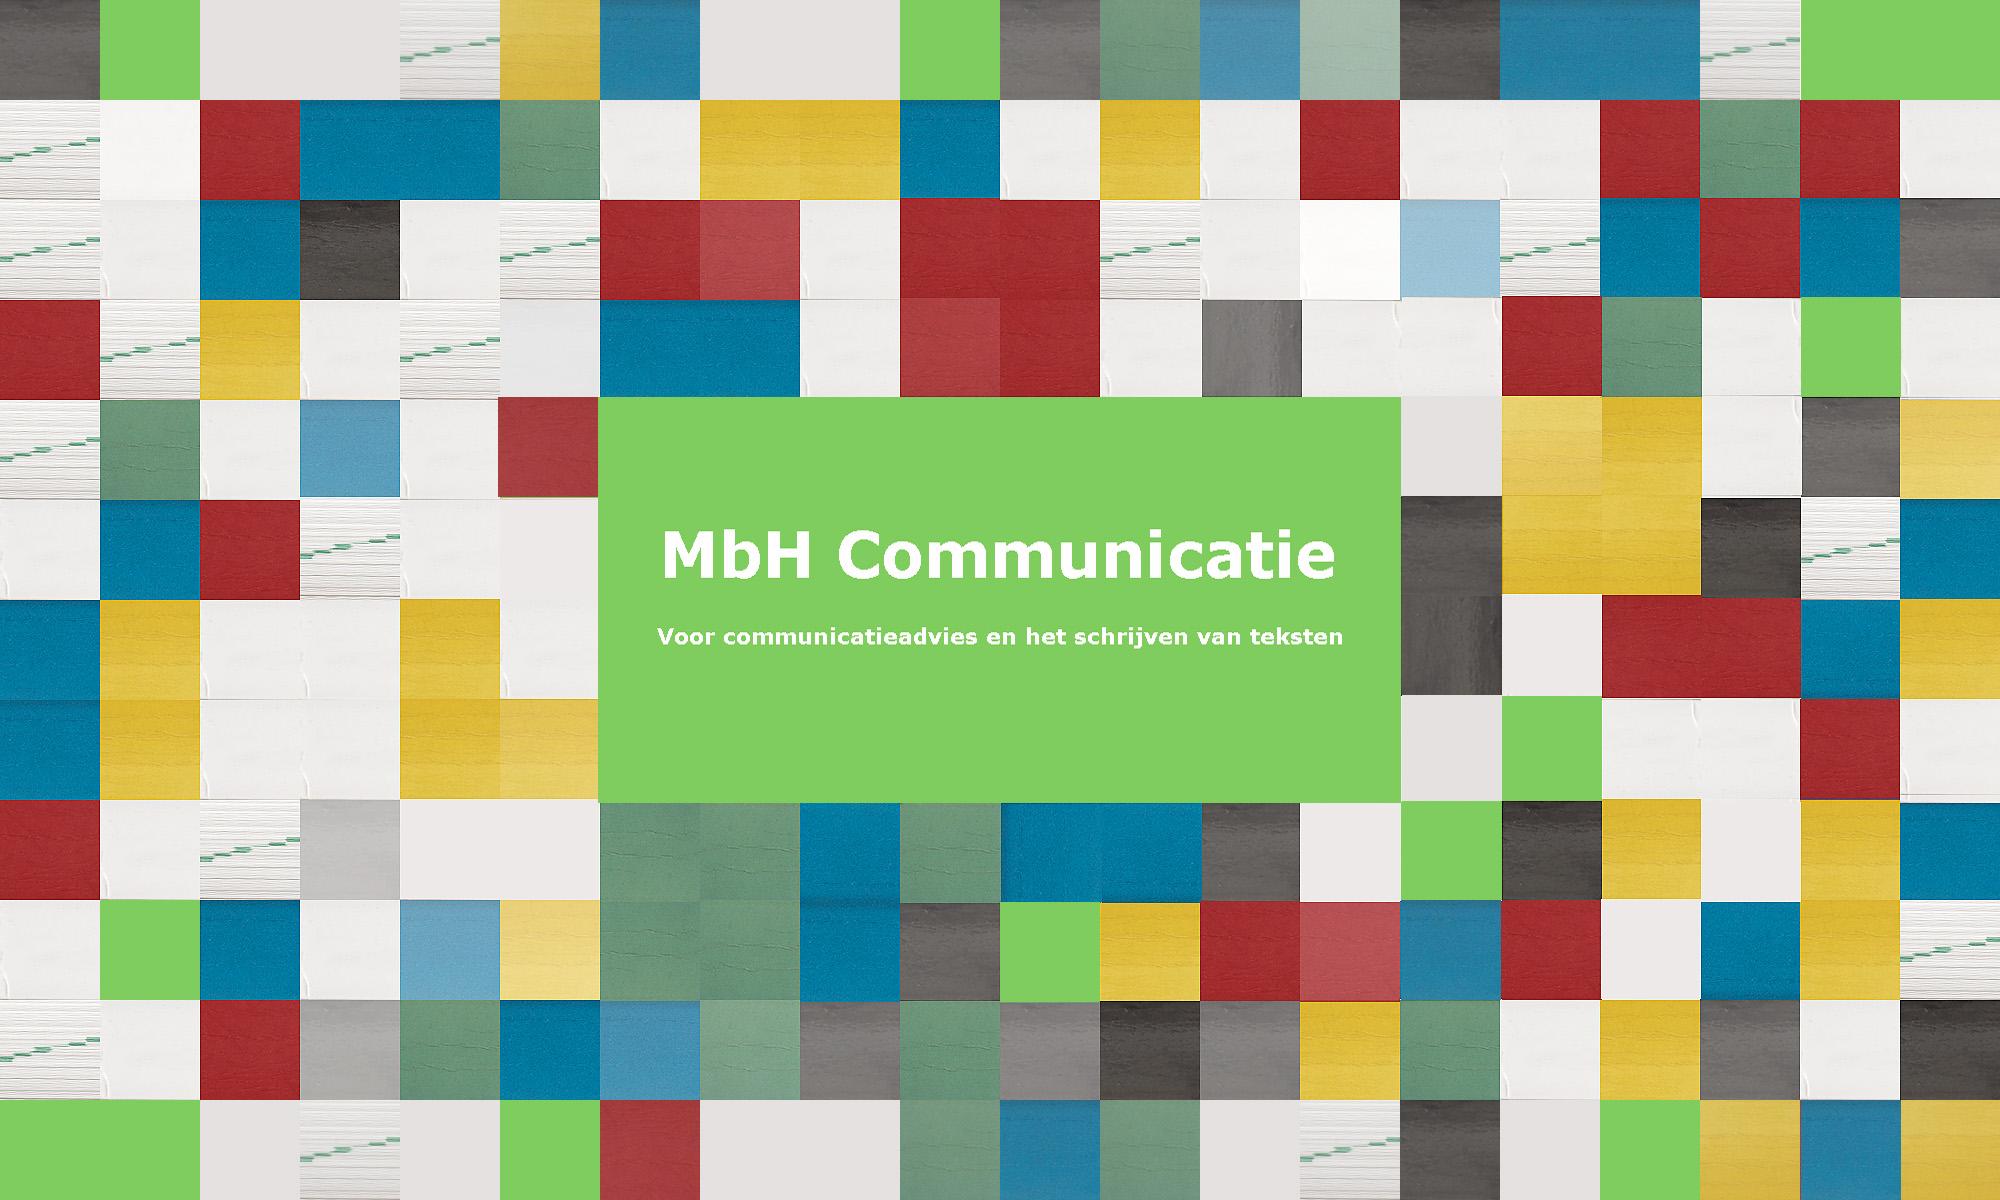 Mbhcommunicatie.nl